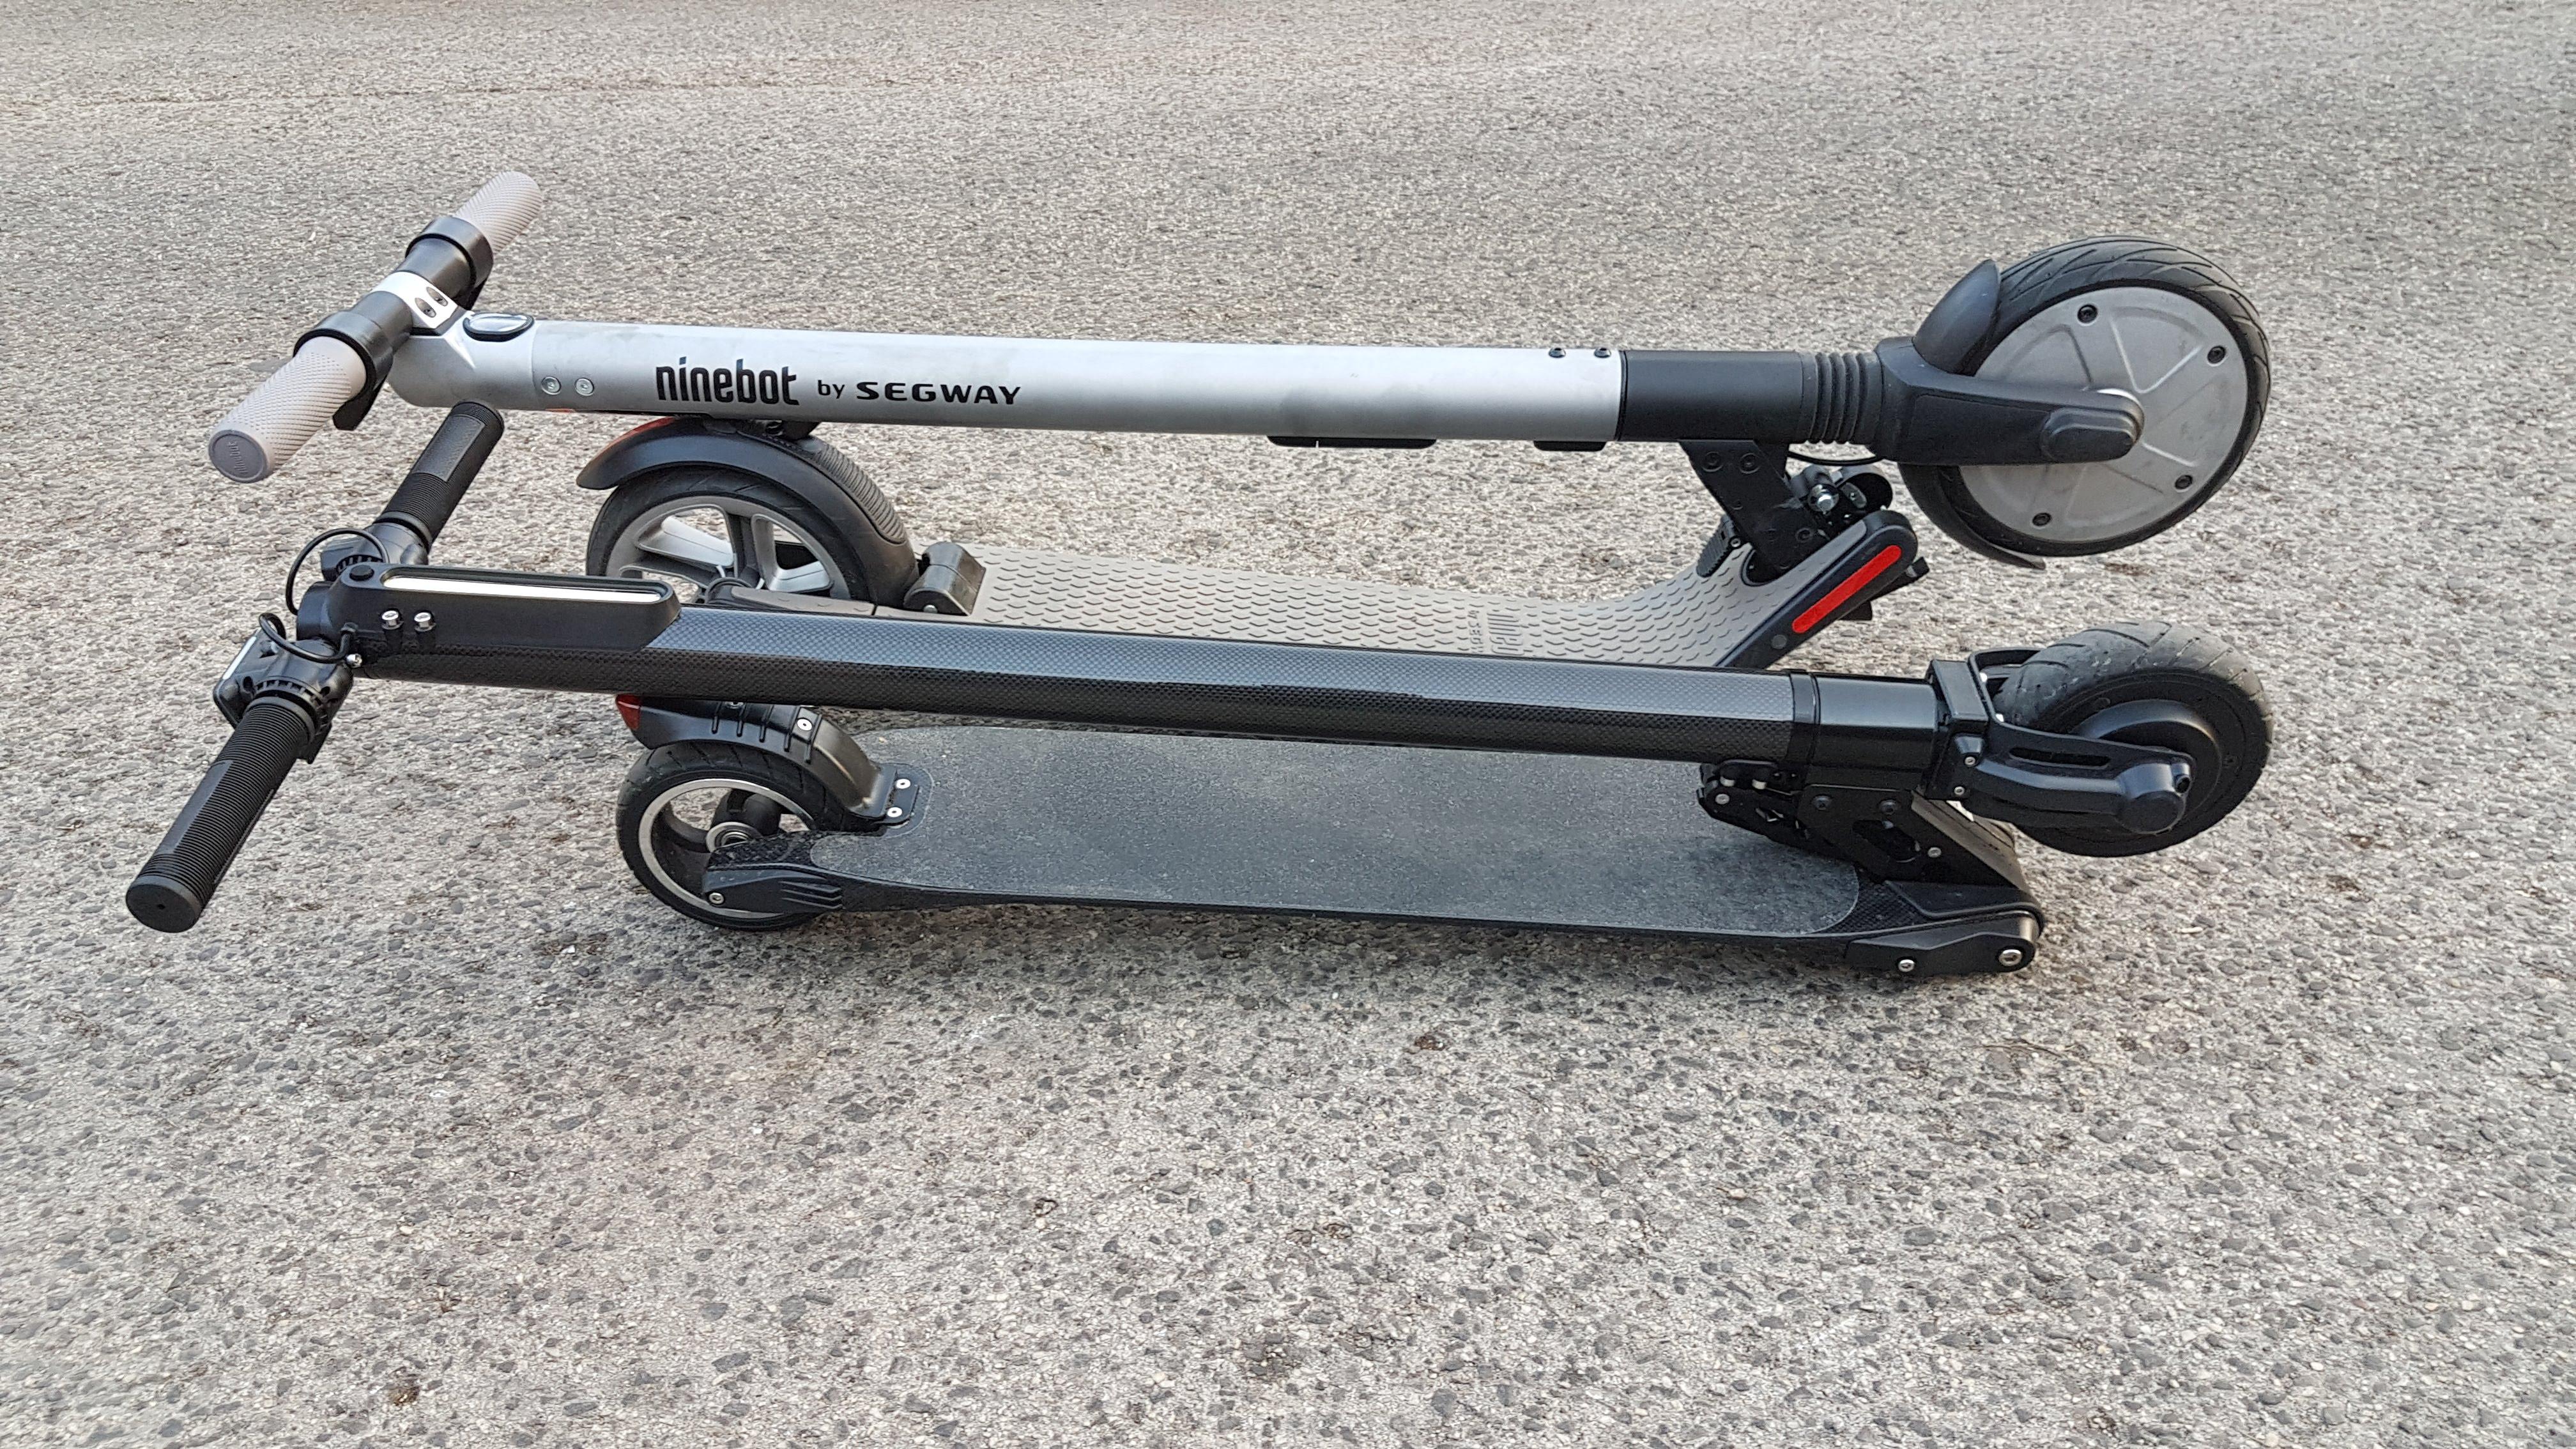 carbon-fiber-a-hordozhato-elektromos-roller-teszt-osszecsukhato-6600mAh-akkumulator-akksi-5.5-colos-kerek-35